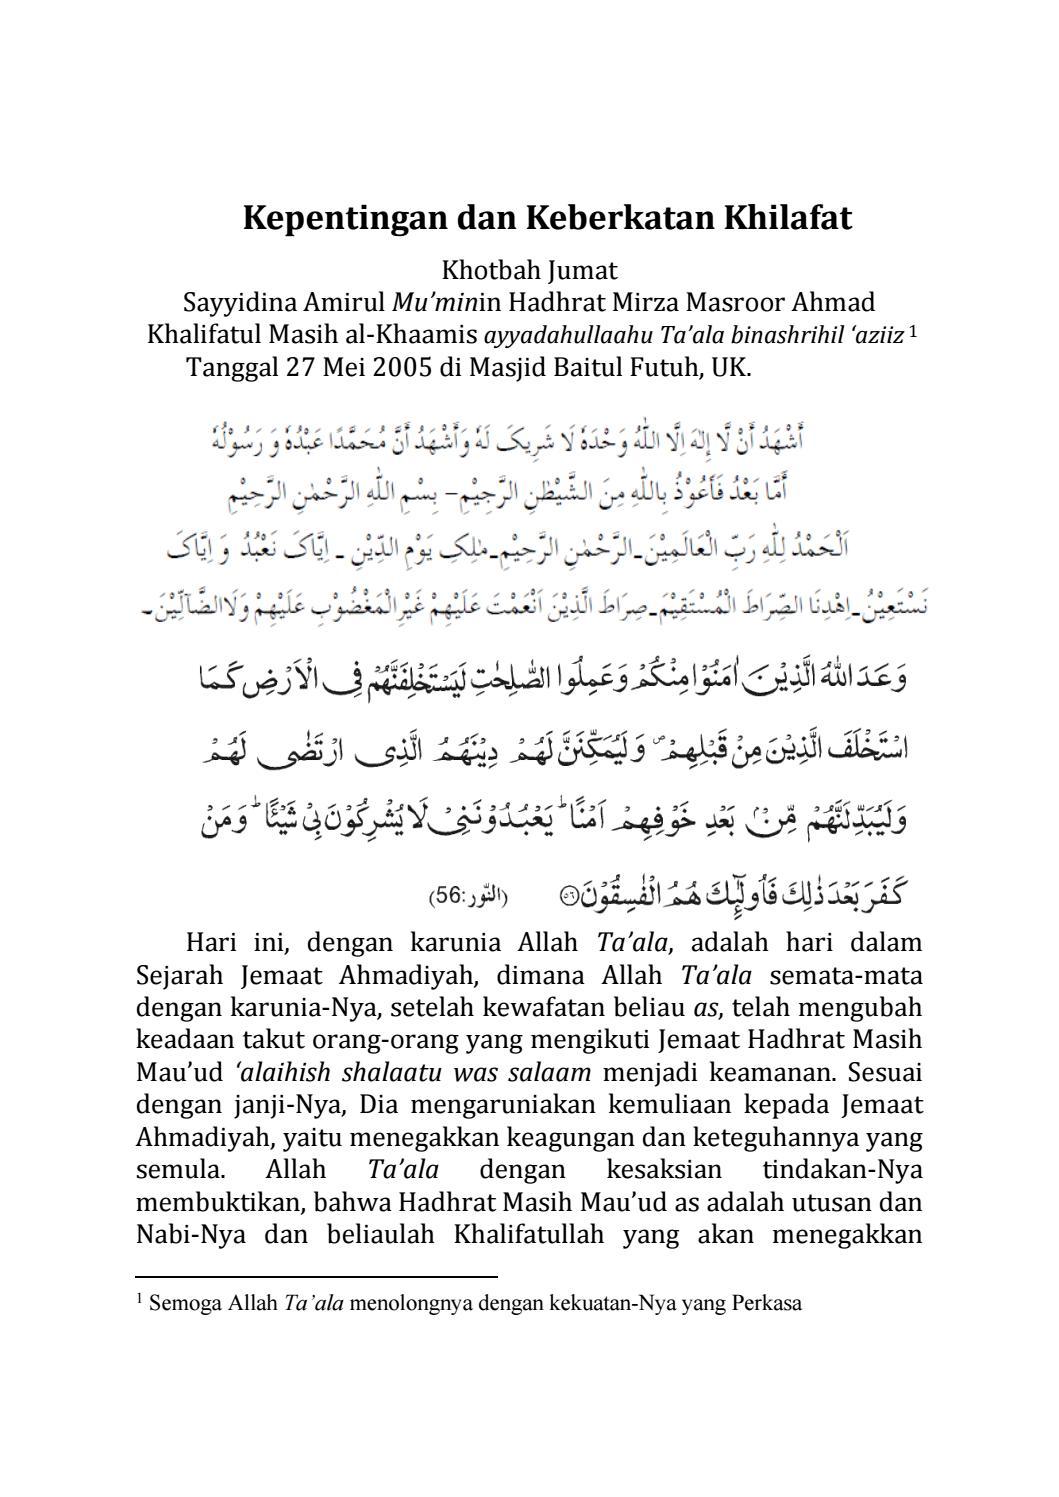 mei-27-2005 by ahmadiyah - Issuu